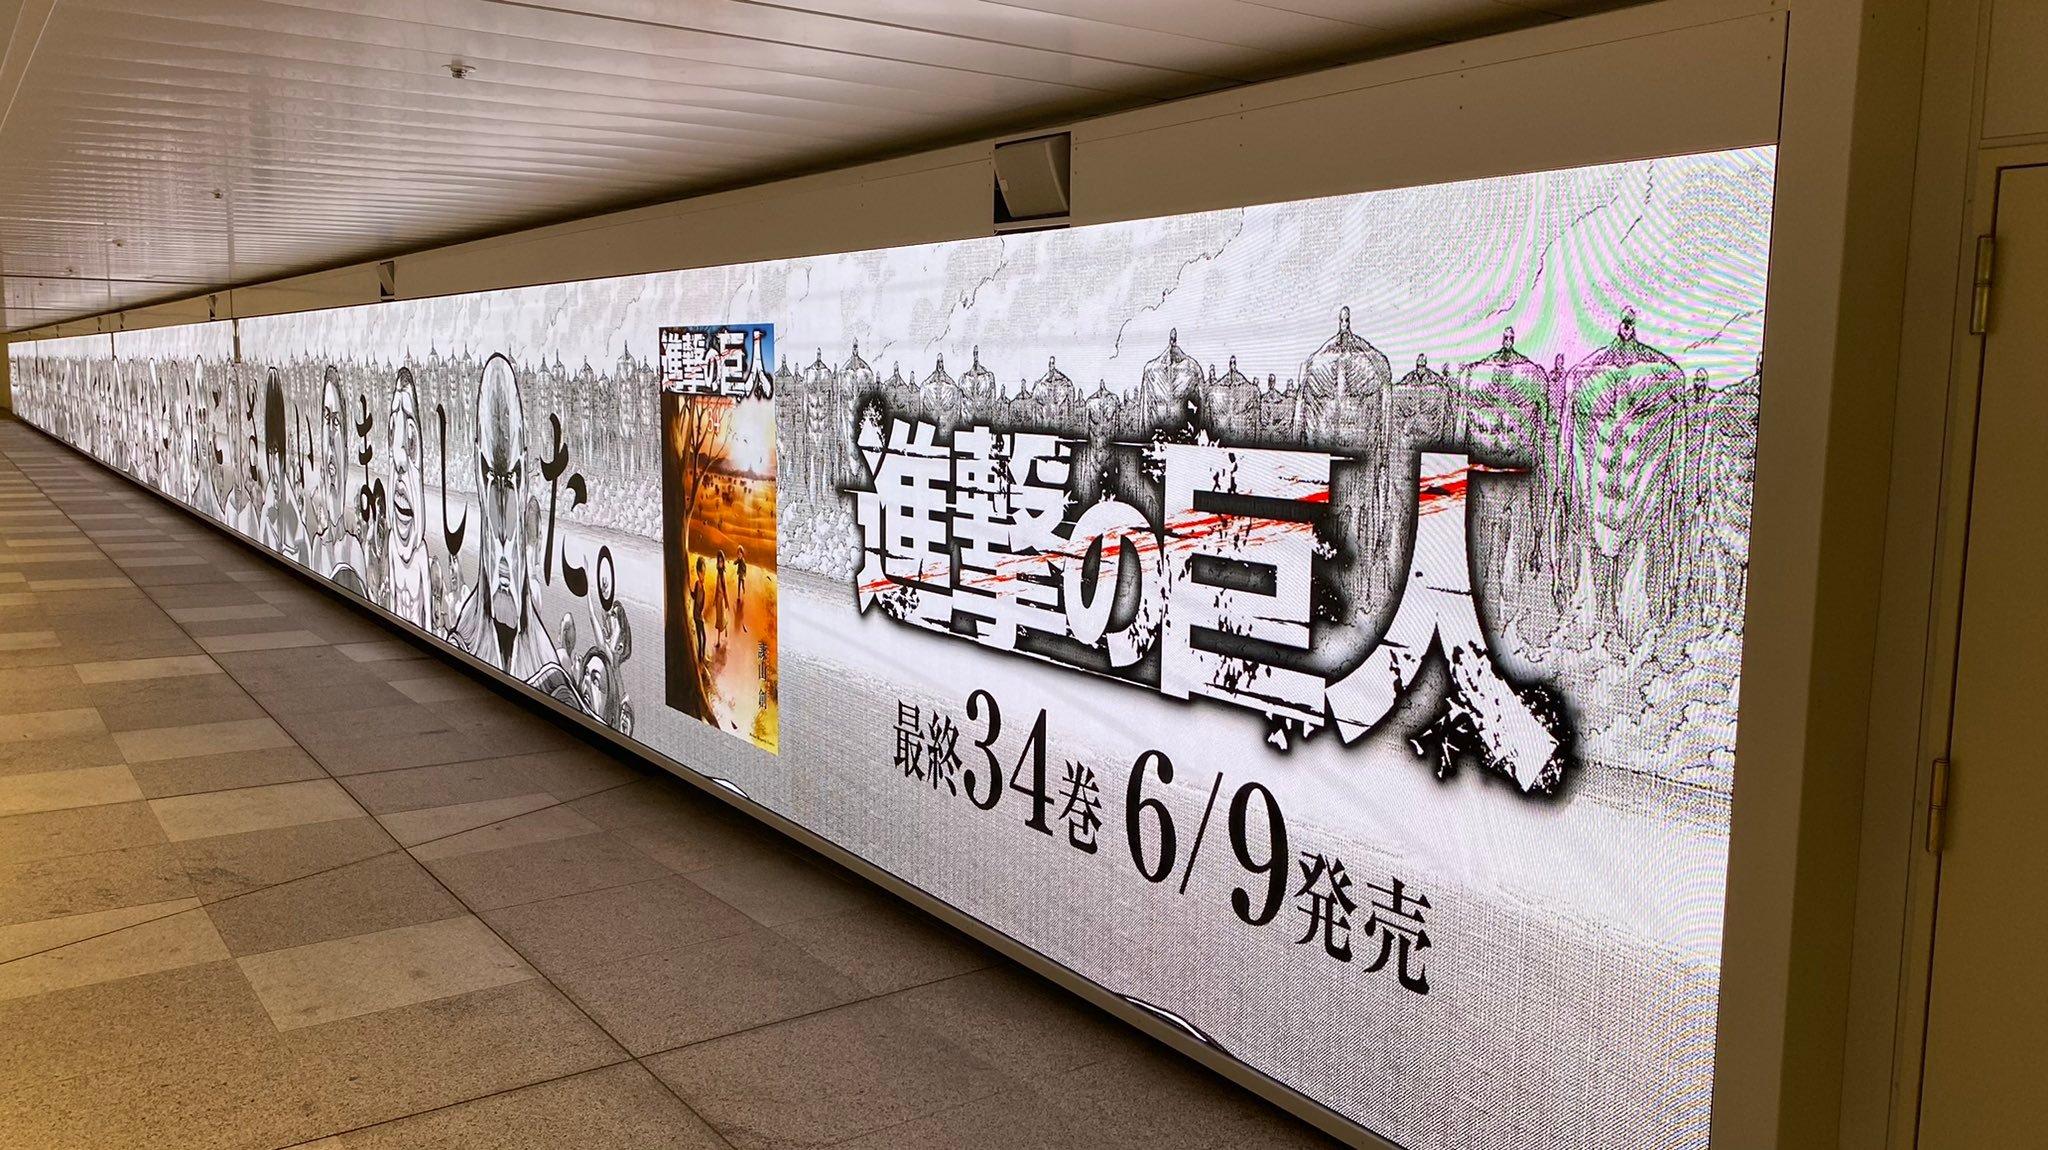 进击的巨人 新宿站 LED 广告牌 D_from_270310 1401711809011150848_p0